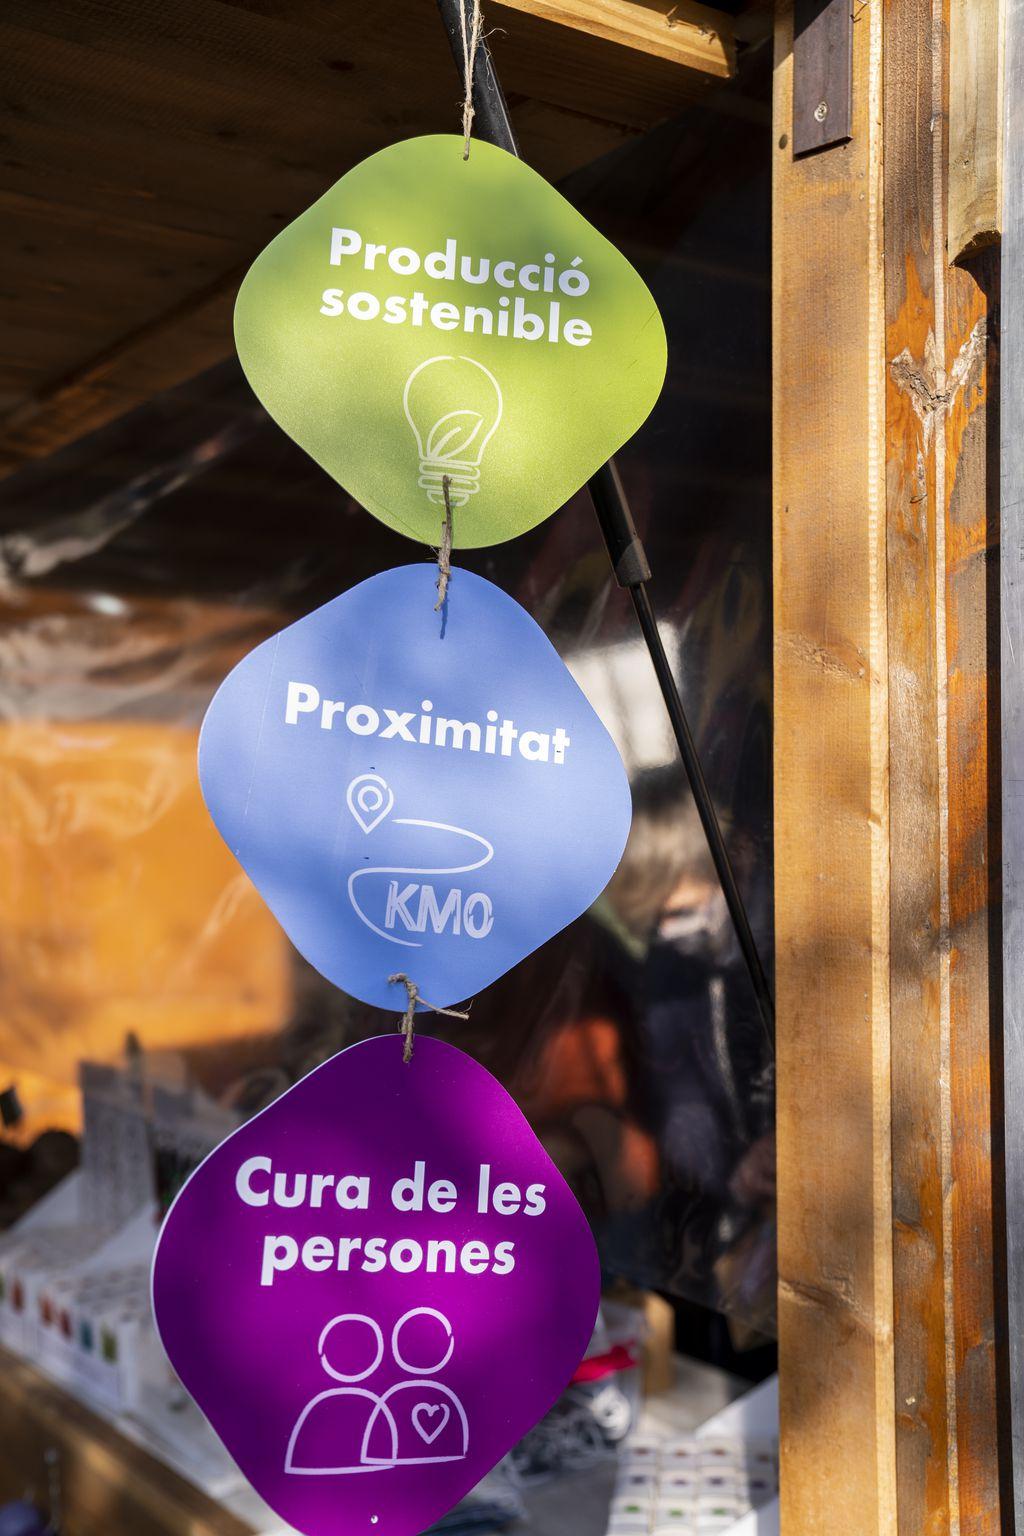 Cartelleria en una de les parades que anuncia que els seus productes són de proximitat, km 0, de producció sostenible i tenen cura de les persones